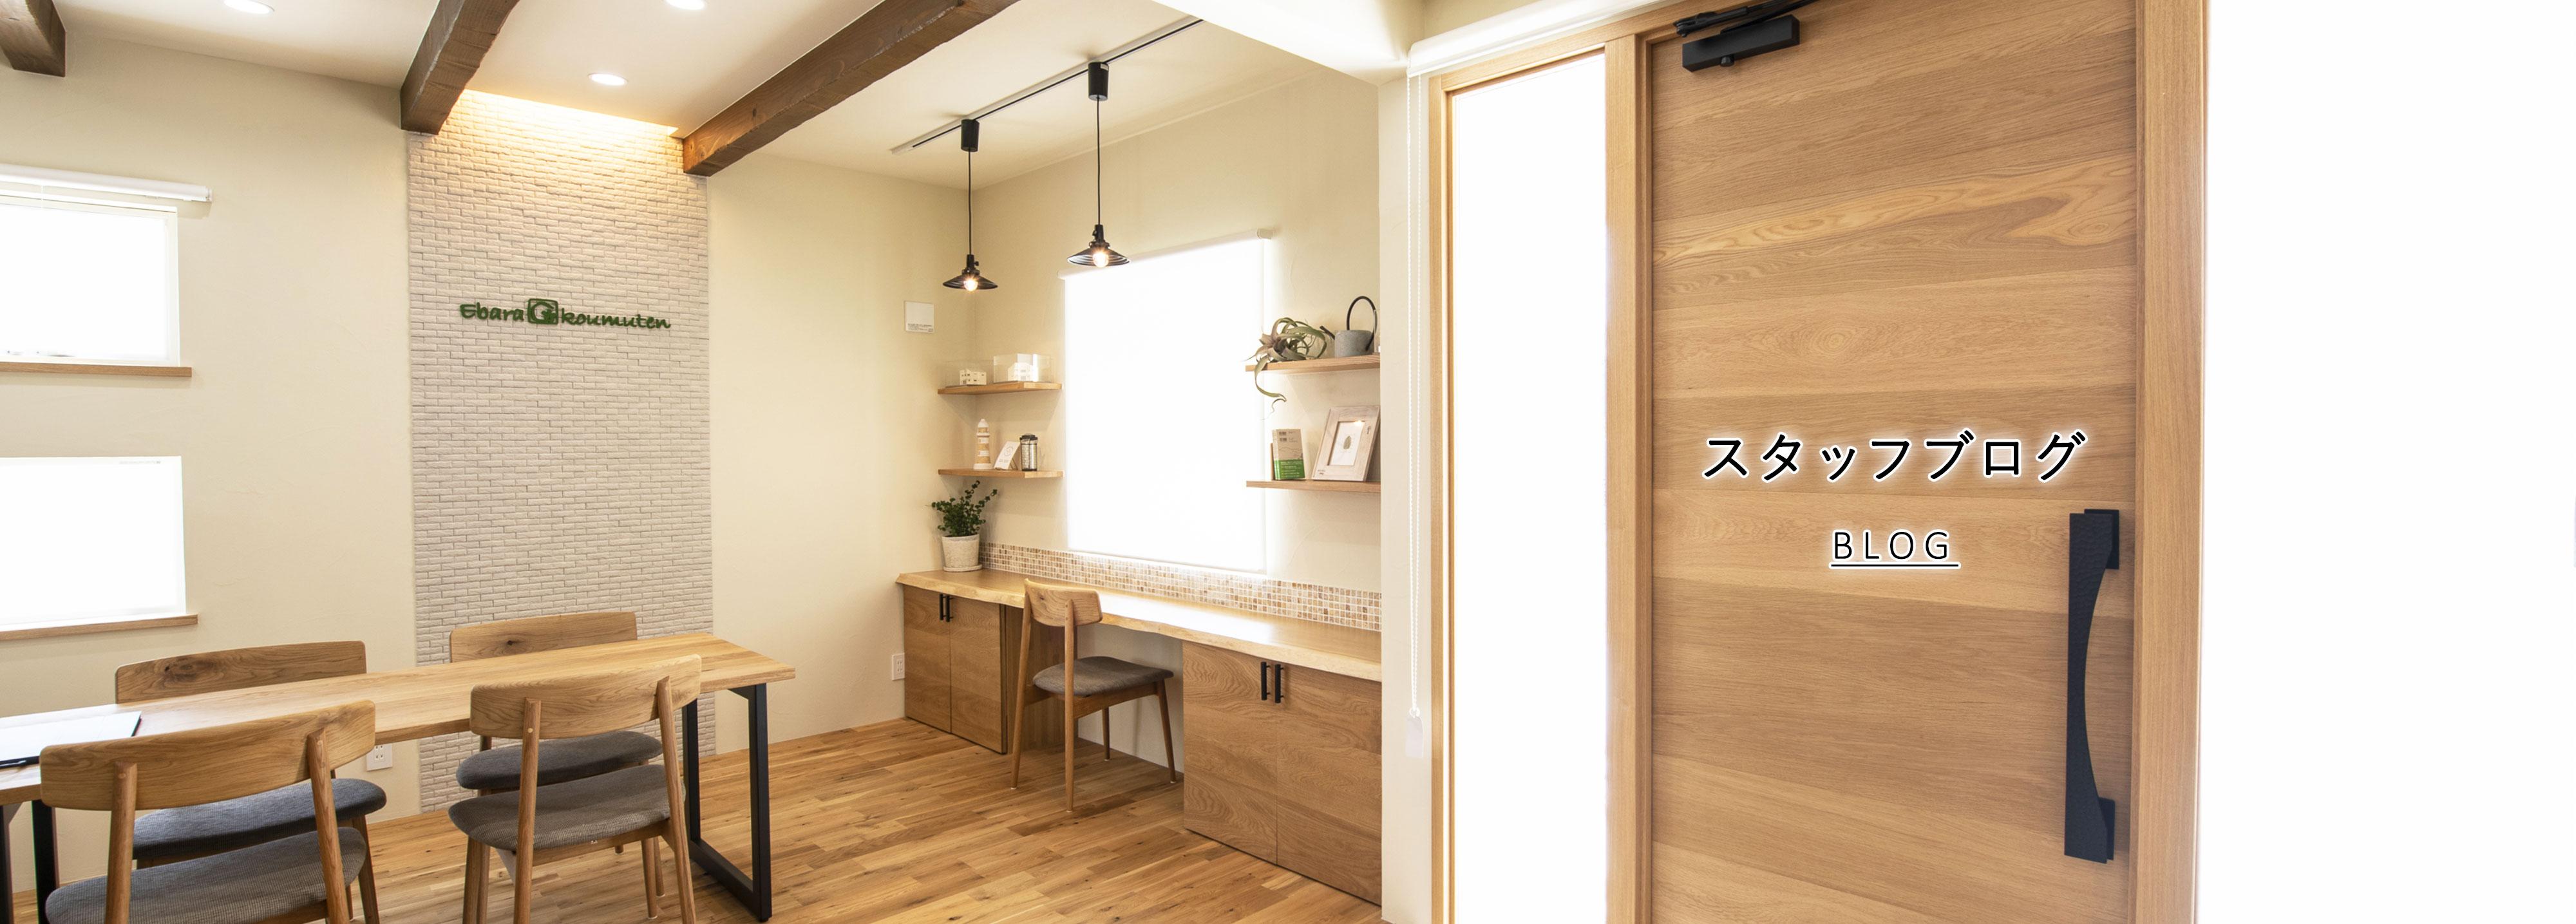 江原工務店 スタッフブログ